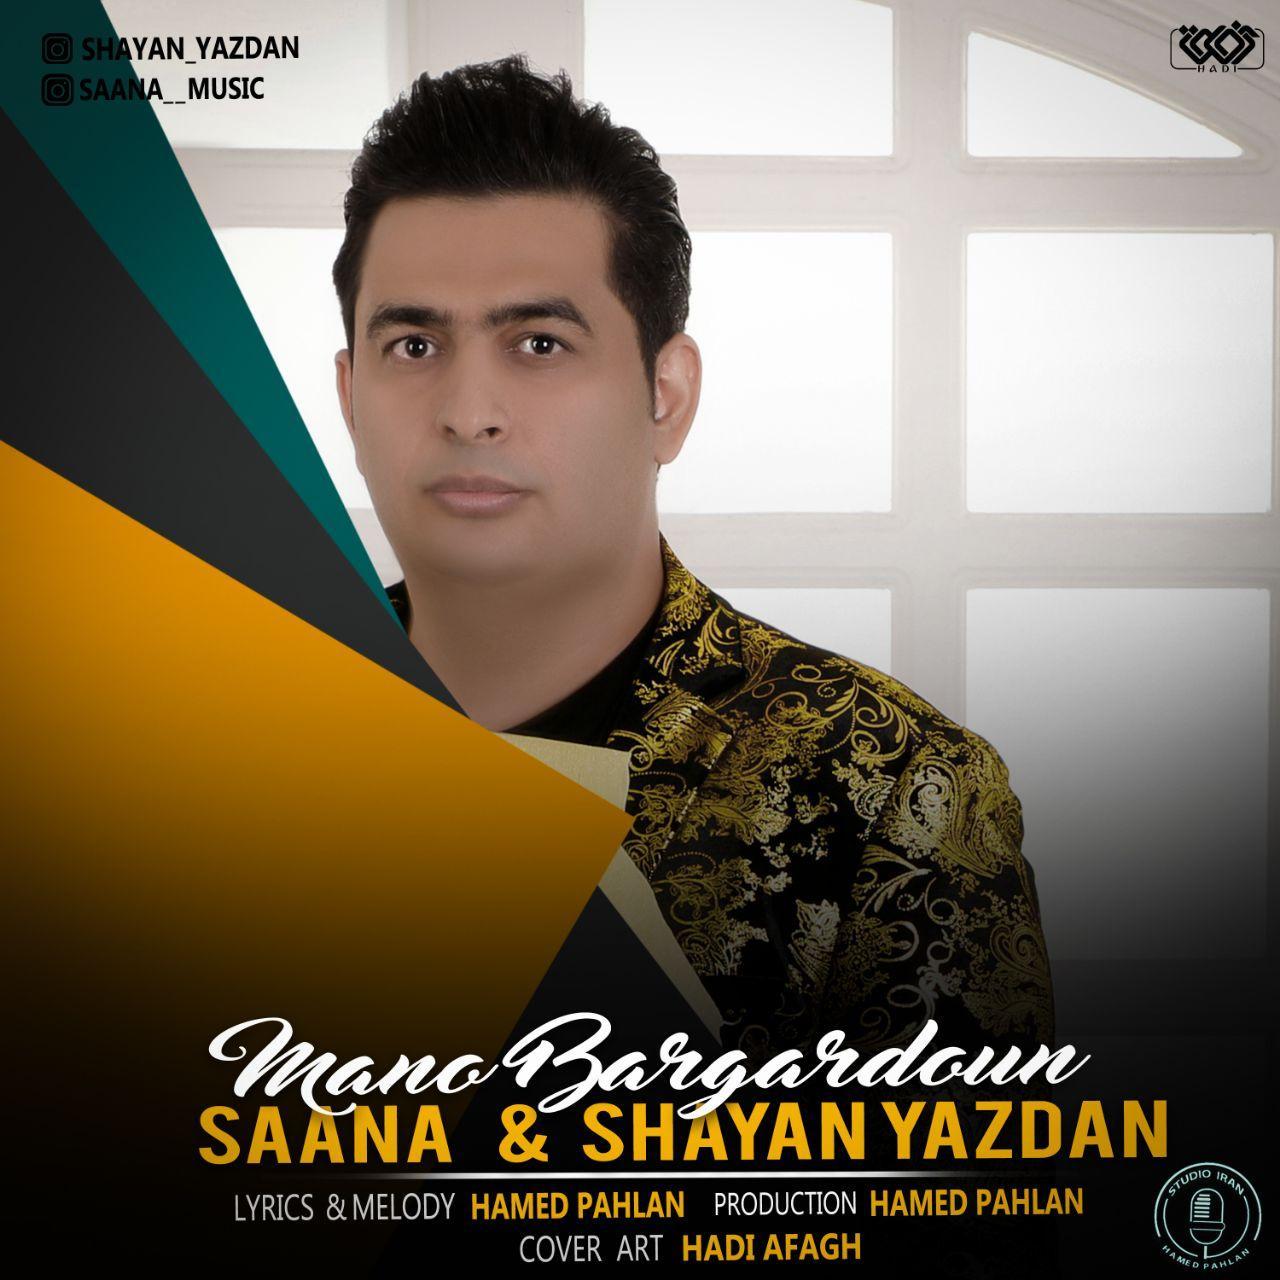 Shayan Yazdan – Mano Bargardoun